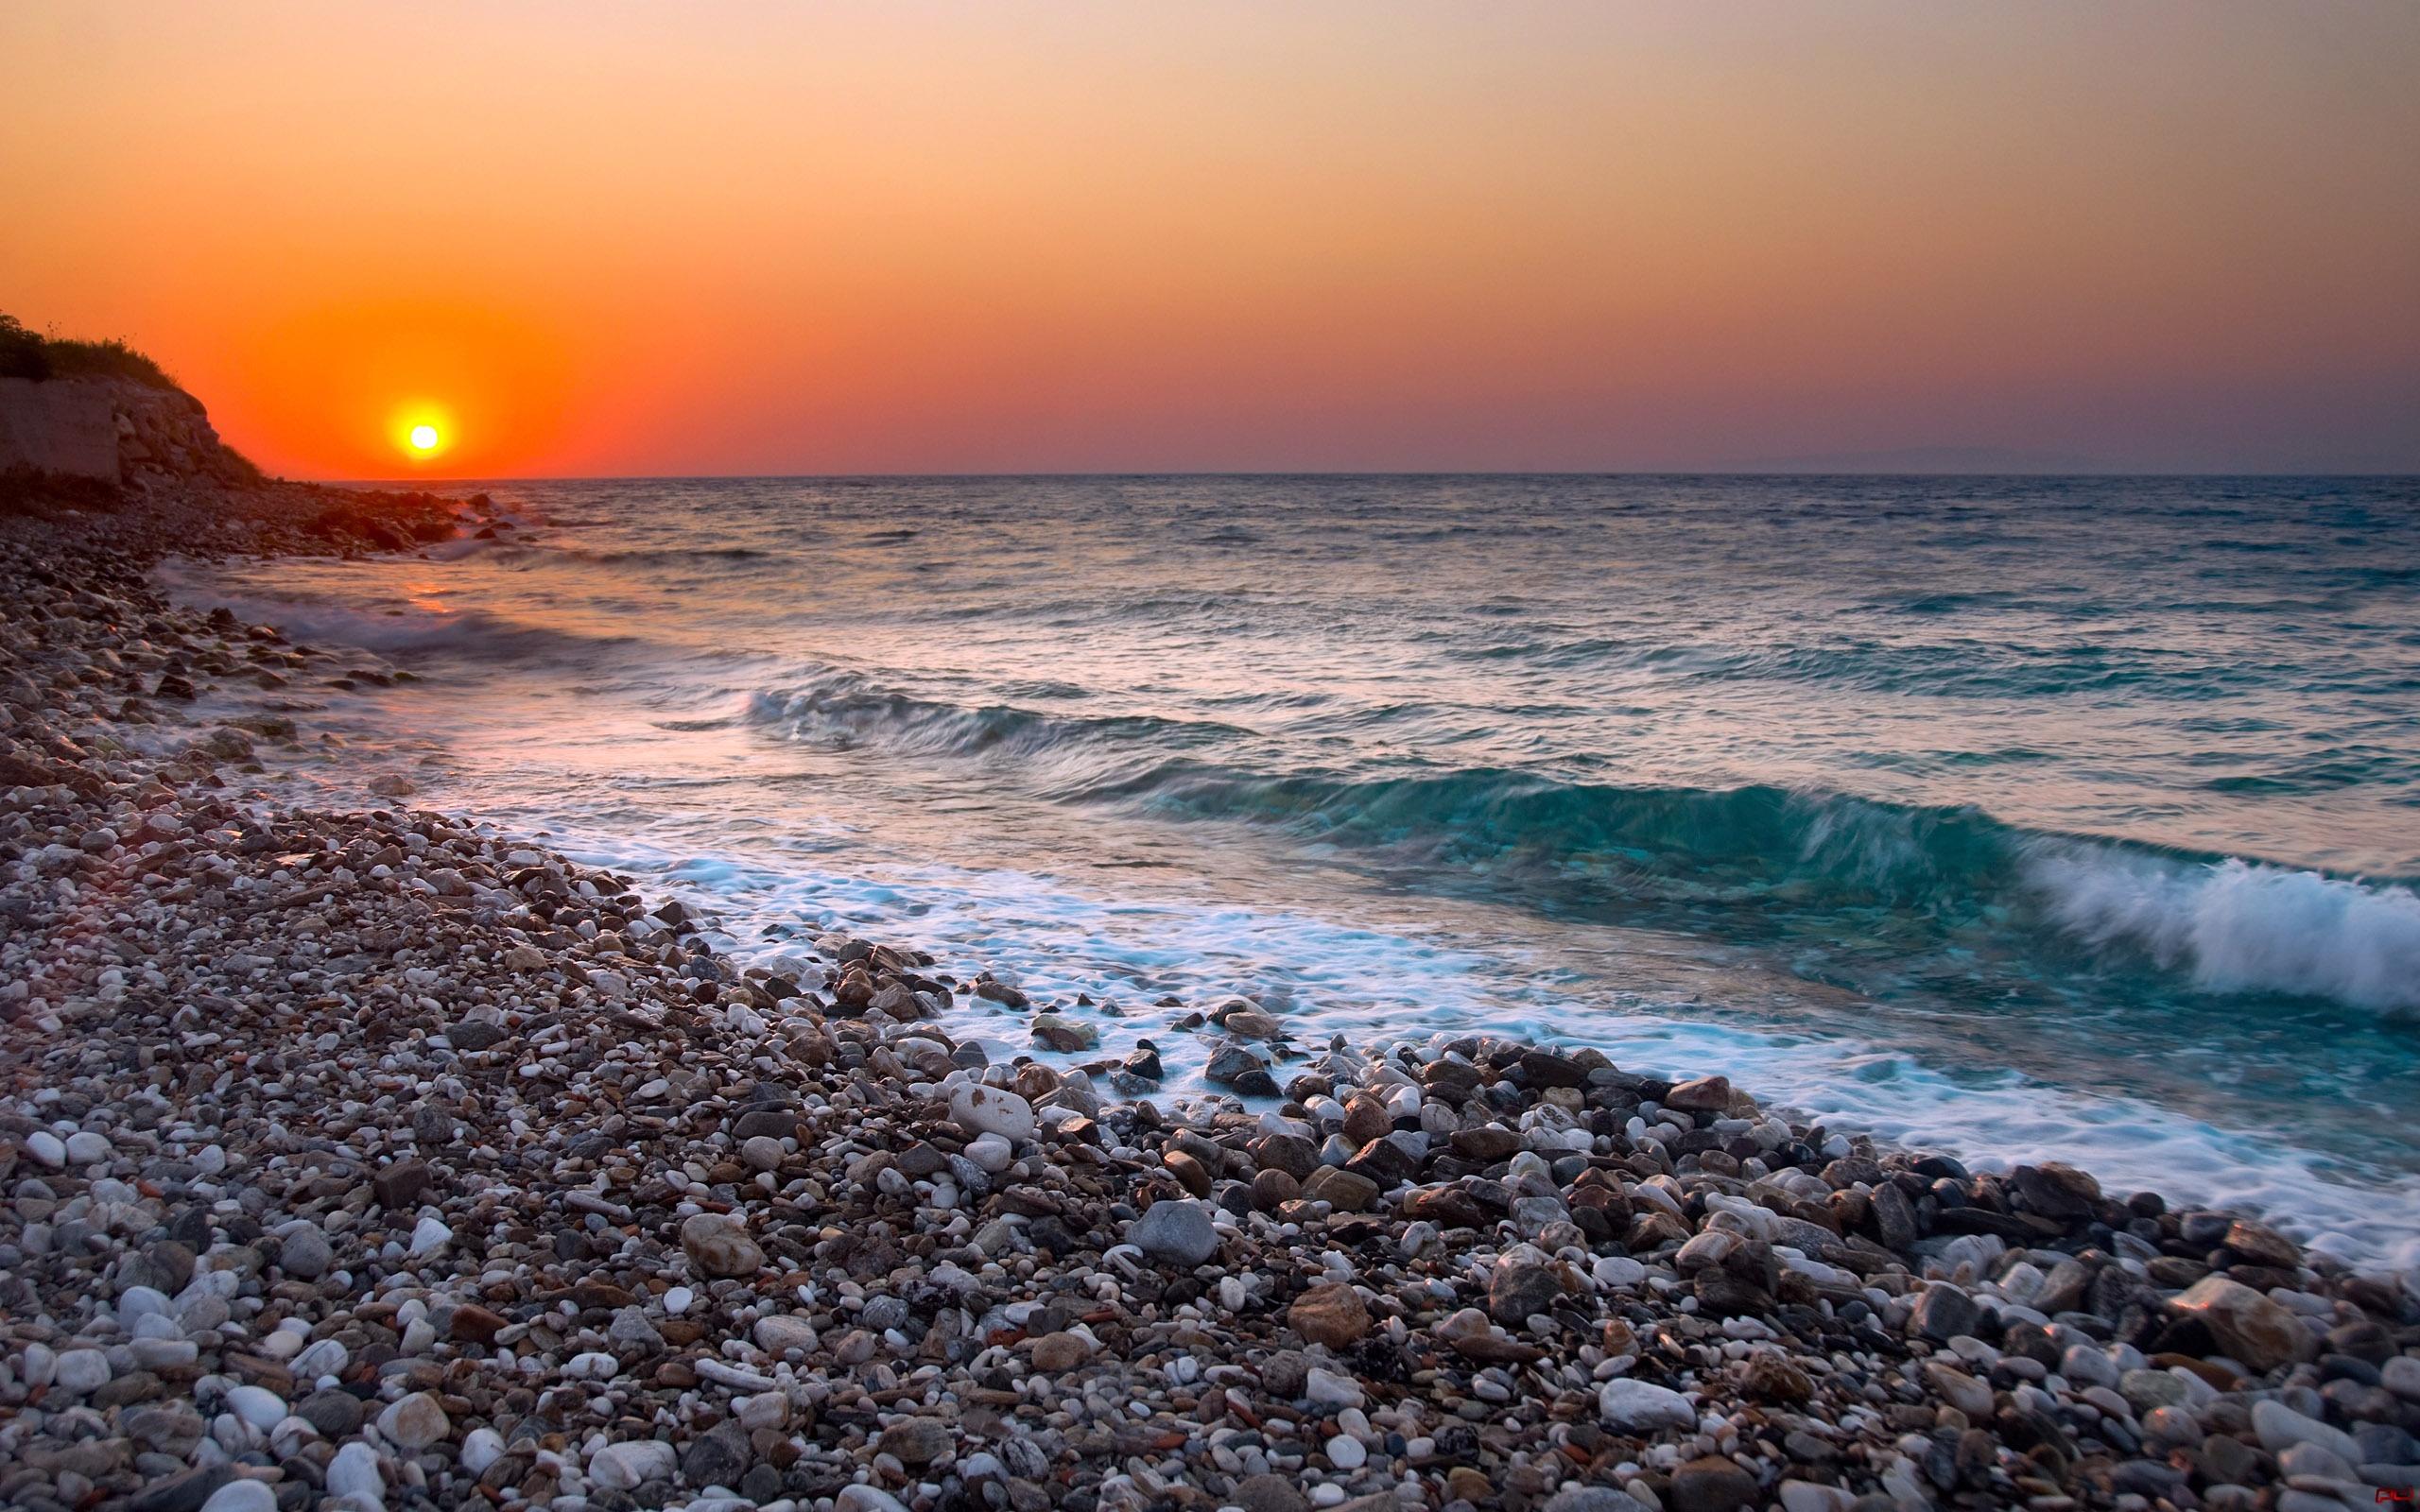 галечный пляж скачать